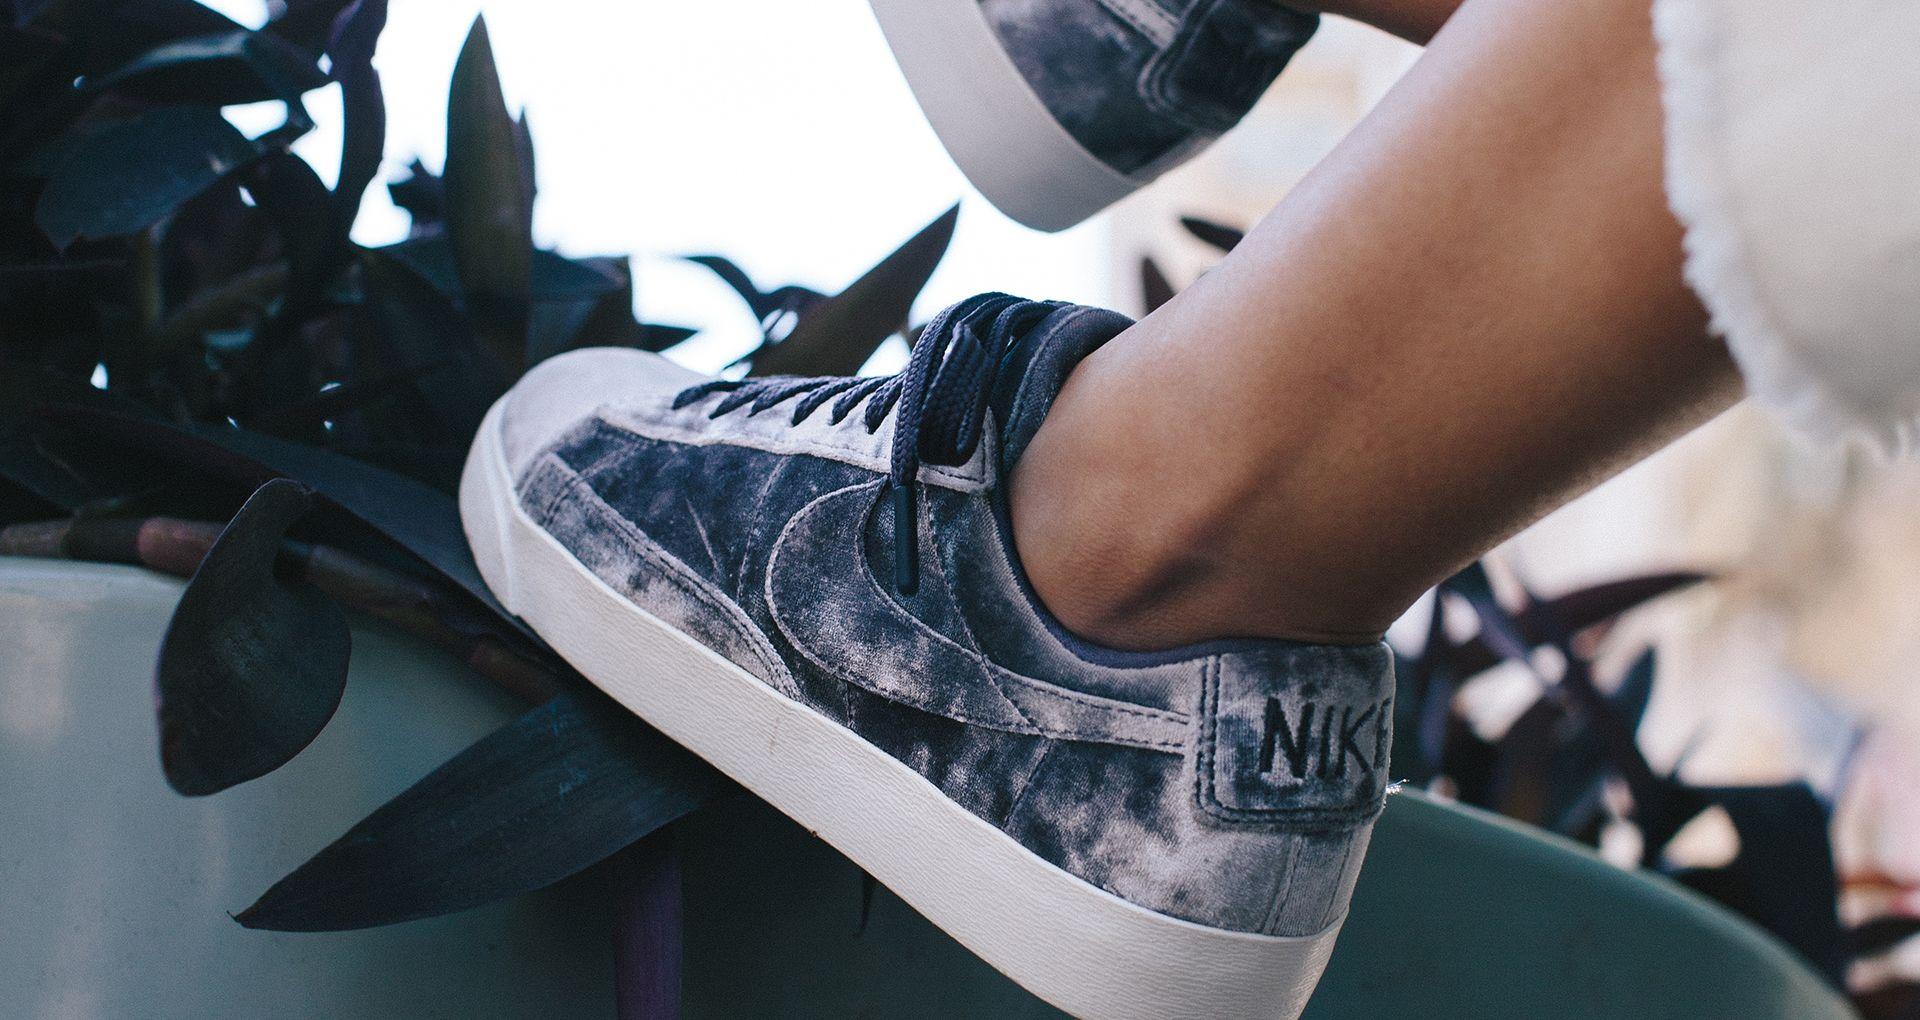 finest selection e0230 39a0e Women's Nike Blazer Low LX 'Dark Raisin' Release Date. Nike ...